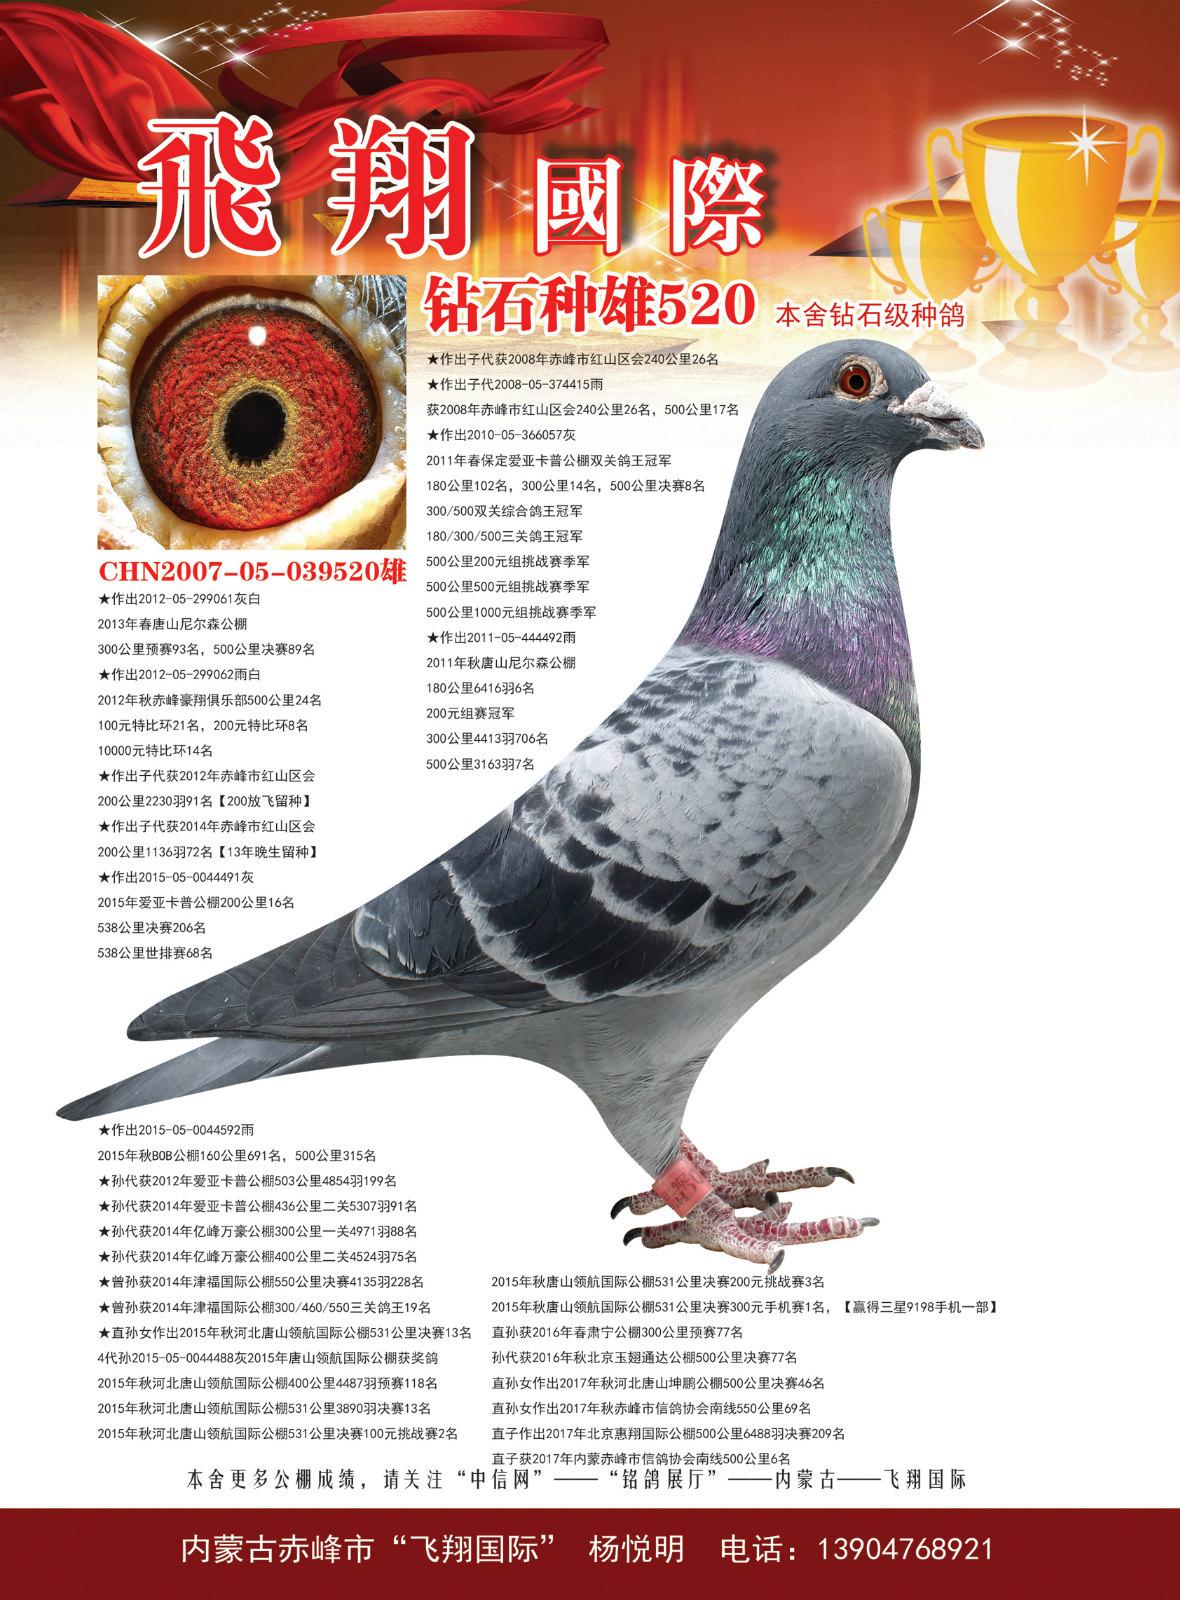 鸽王冠军之父520